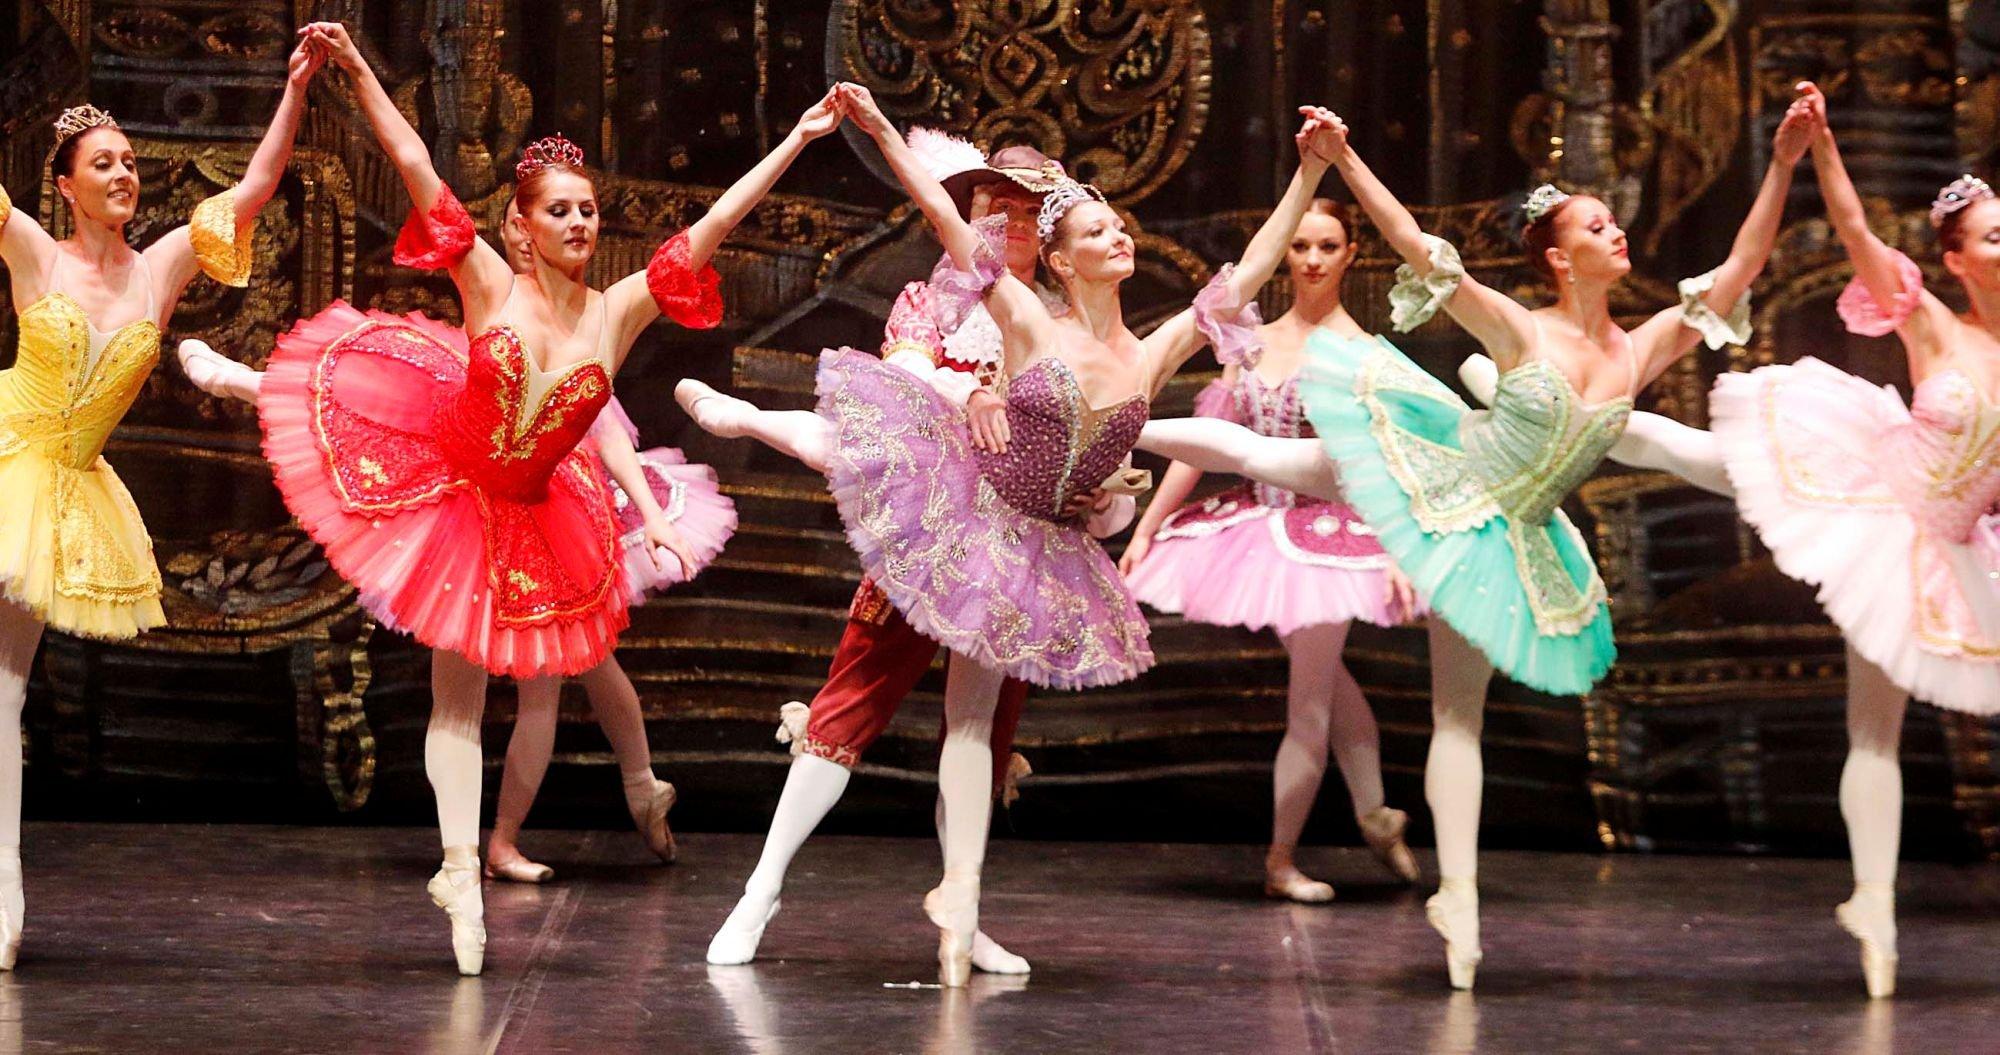 Romanticismo en escena con el ballet 'La Bella Durmiente'